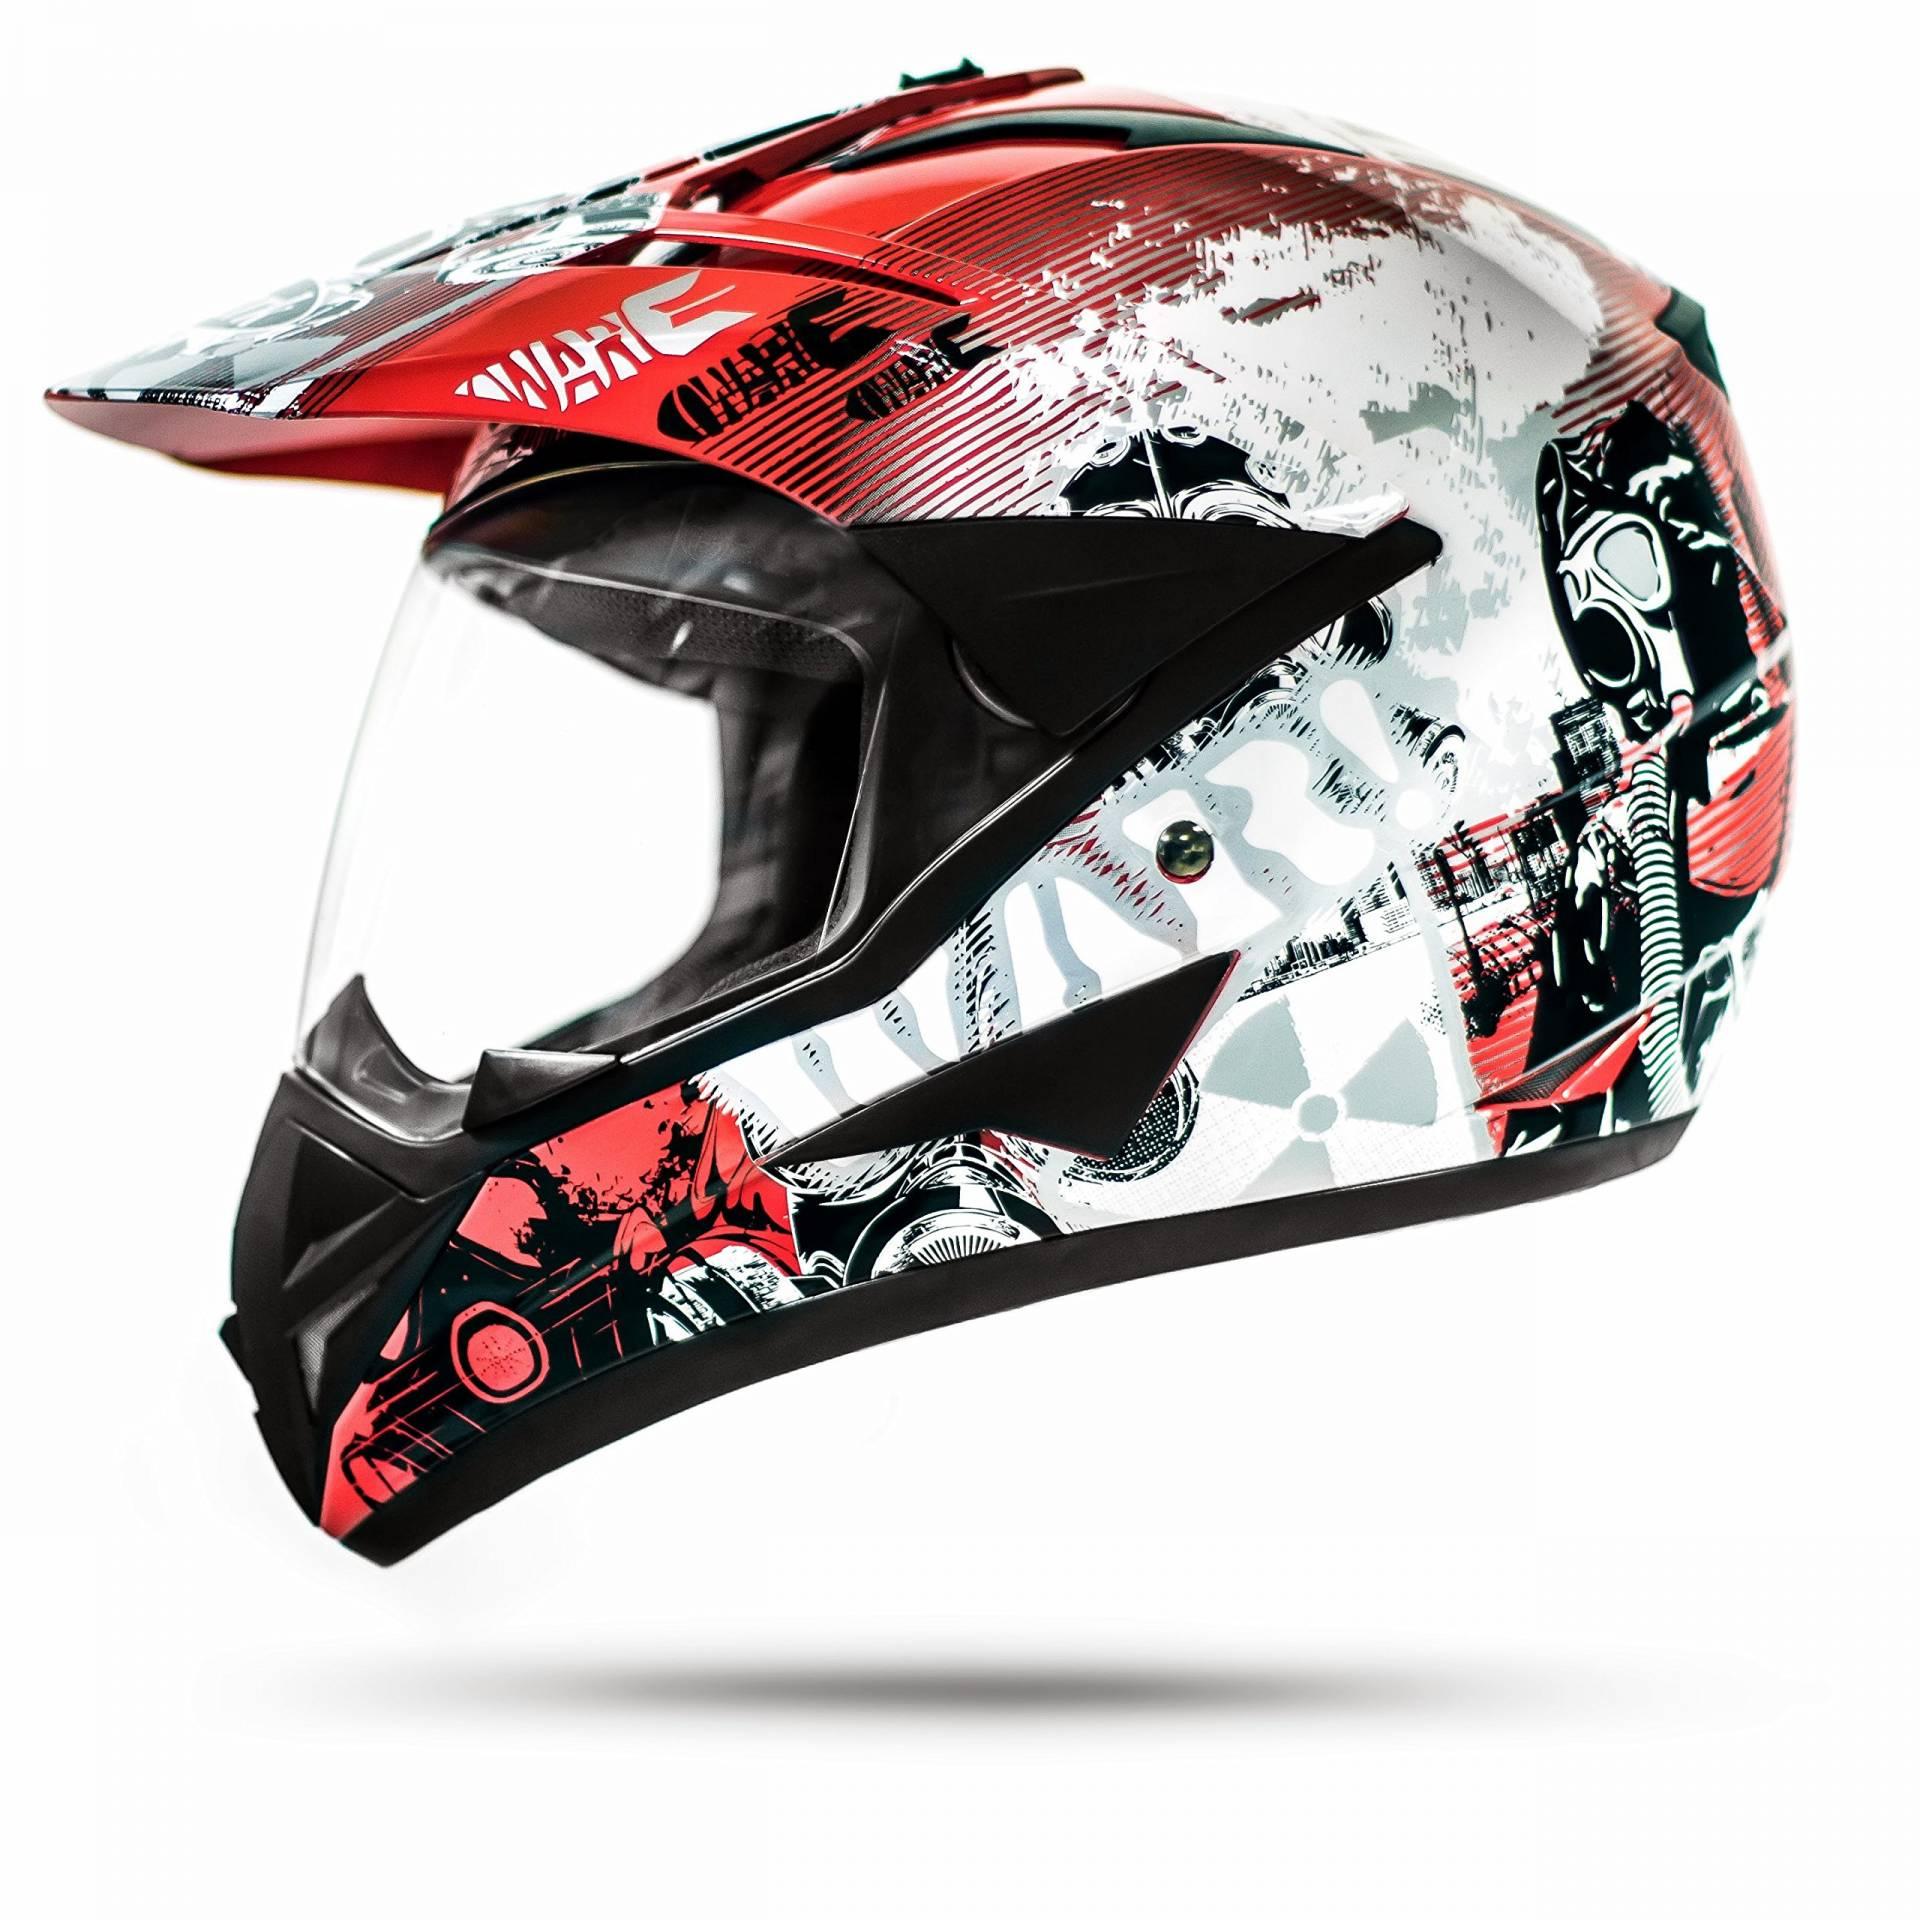 ATO Moto Jet Helm LA Street Motorradhelm mit Doppelvisier System Integrierte Visiermechanik 4 punkt Bel/üftung Sicherheitsnorm ECE 2205 Gr/ö/ße S 55-56cm